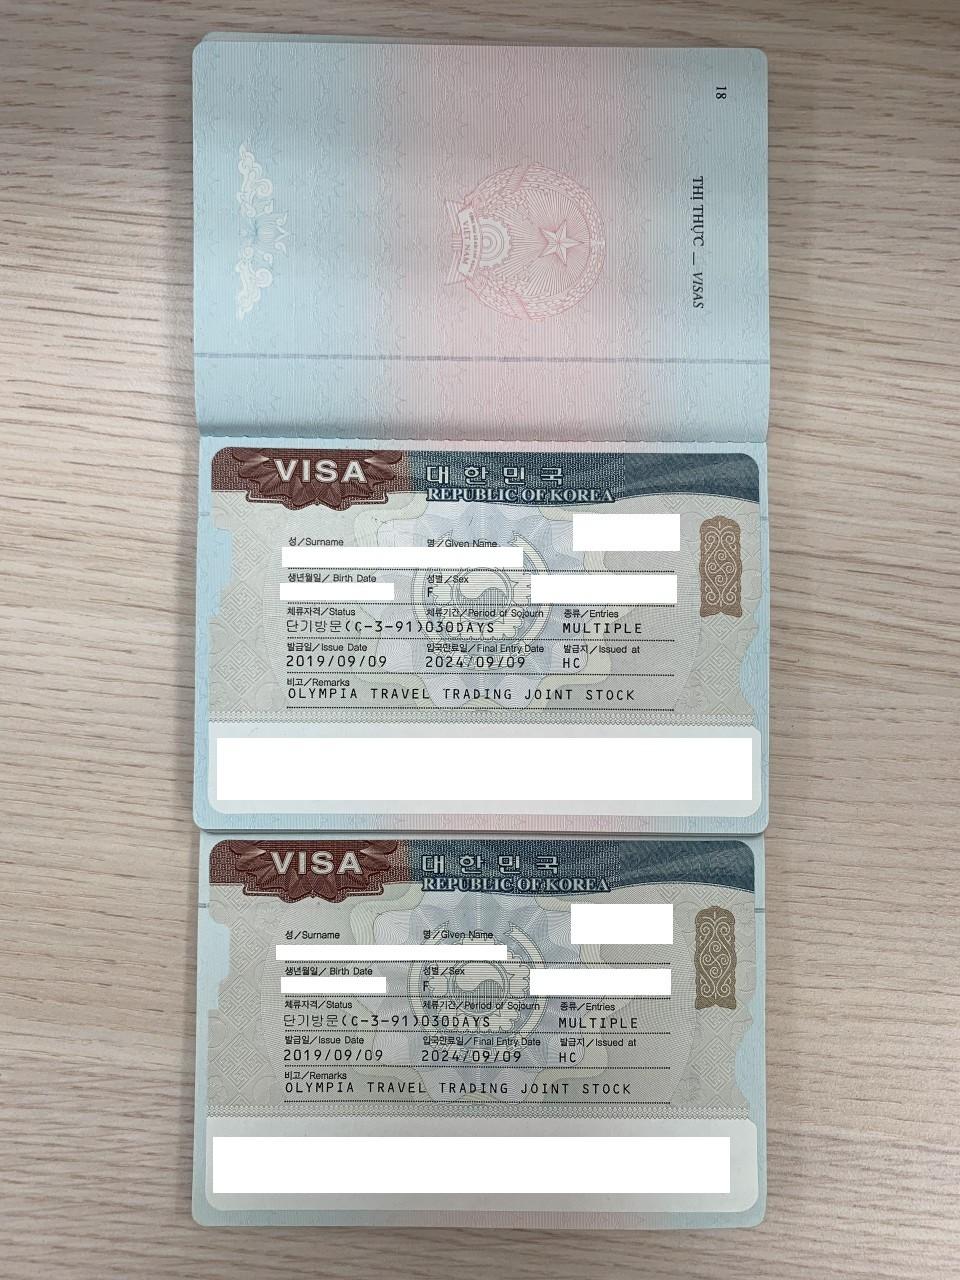 Lynk Lee bật mí kinh nghiệm đi đu đưa đi Hàn Quốc 4 ngày bao rẻ - Ảnh 2.